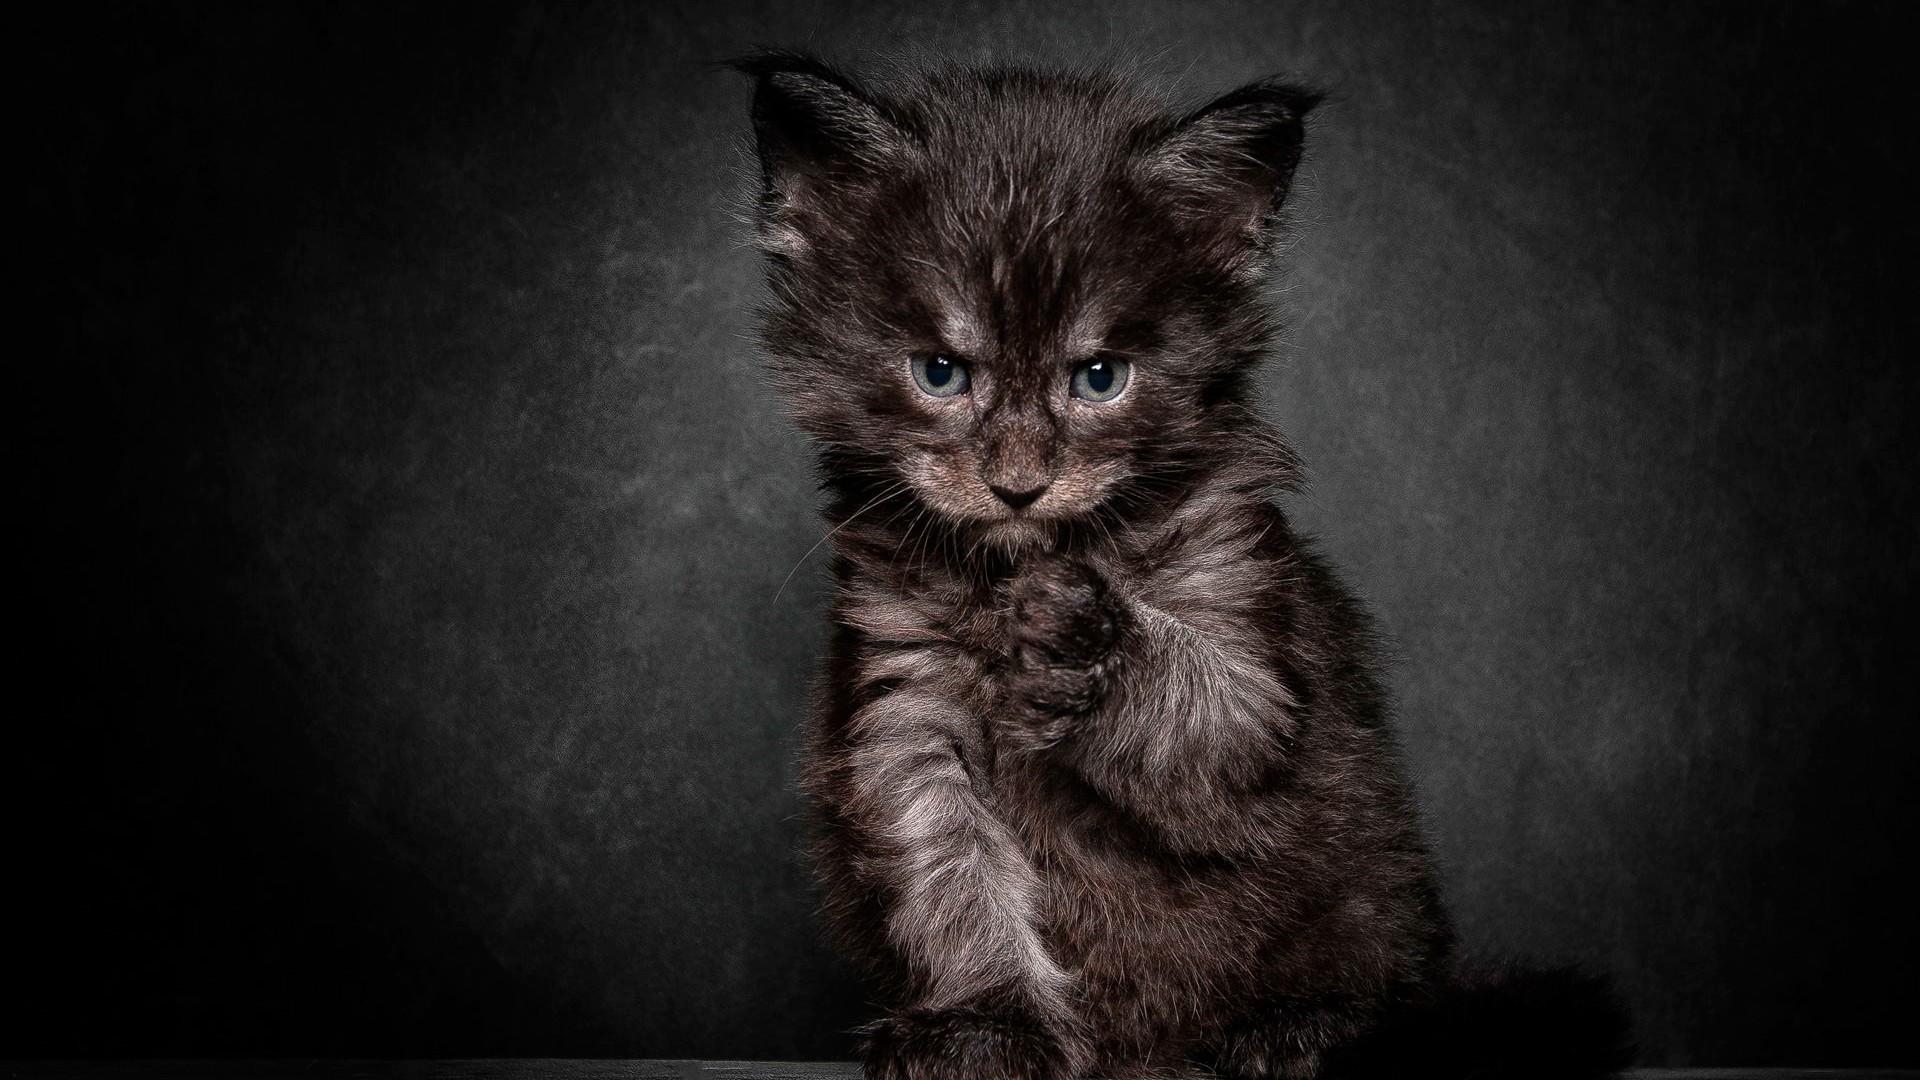 Black Cat wallpaper 17